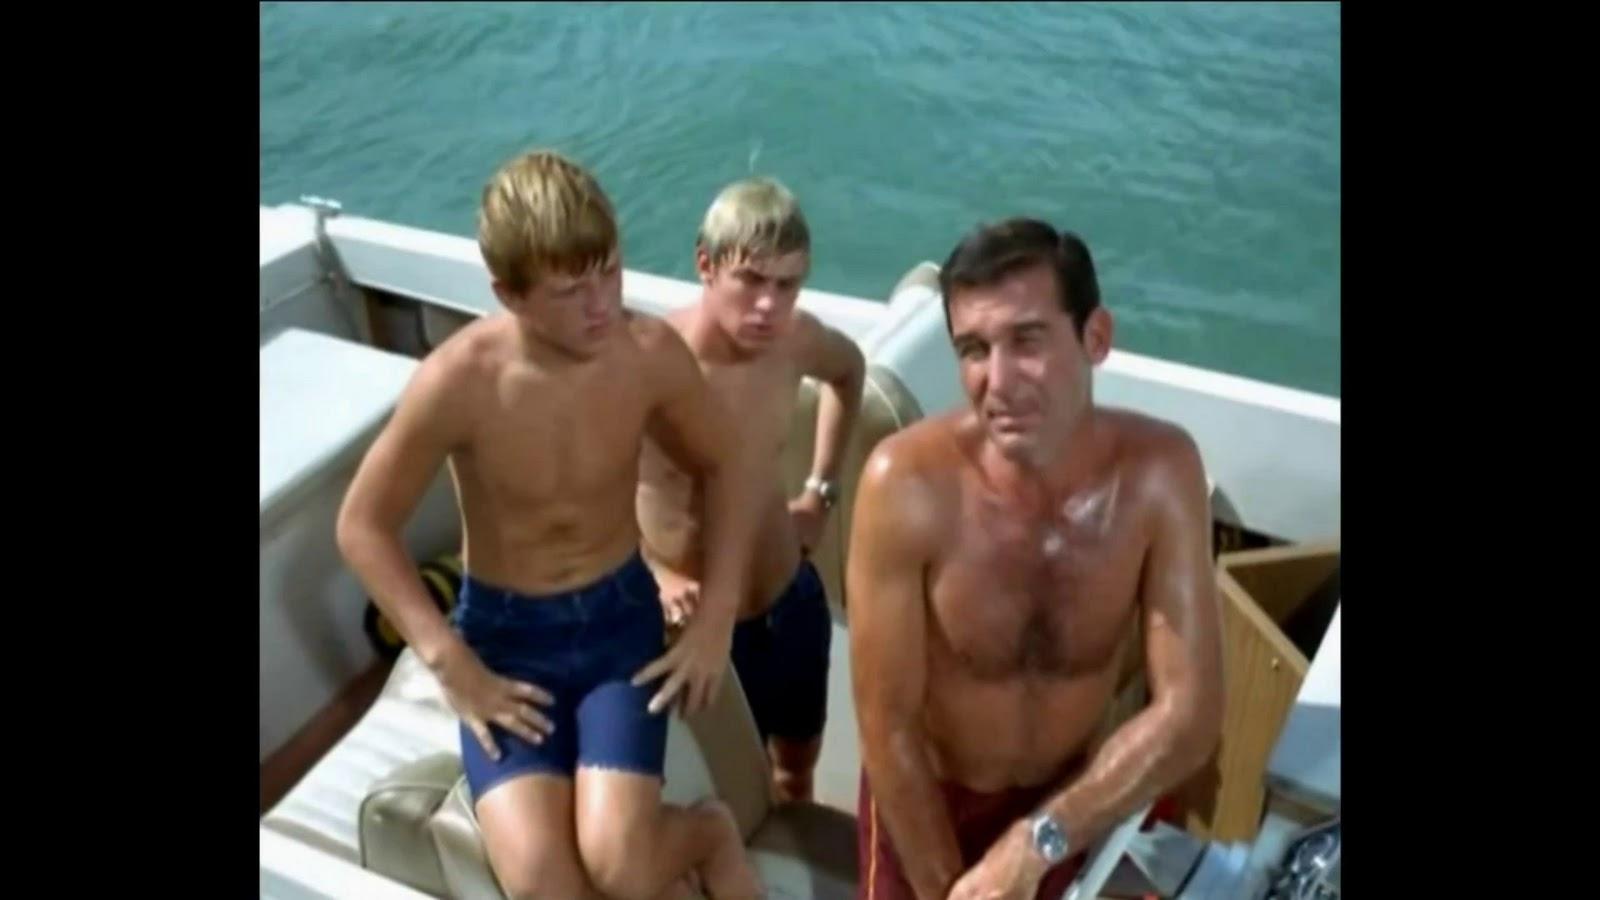 Spank movie gay mark loves a hot spanking 6